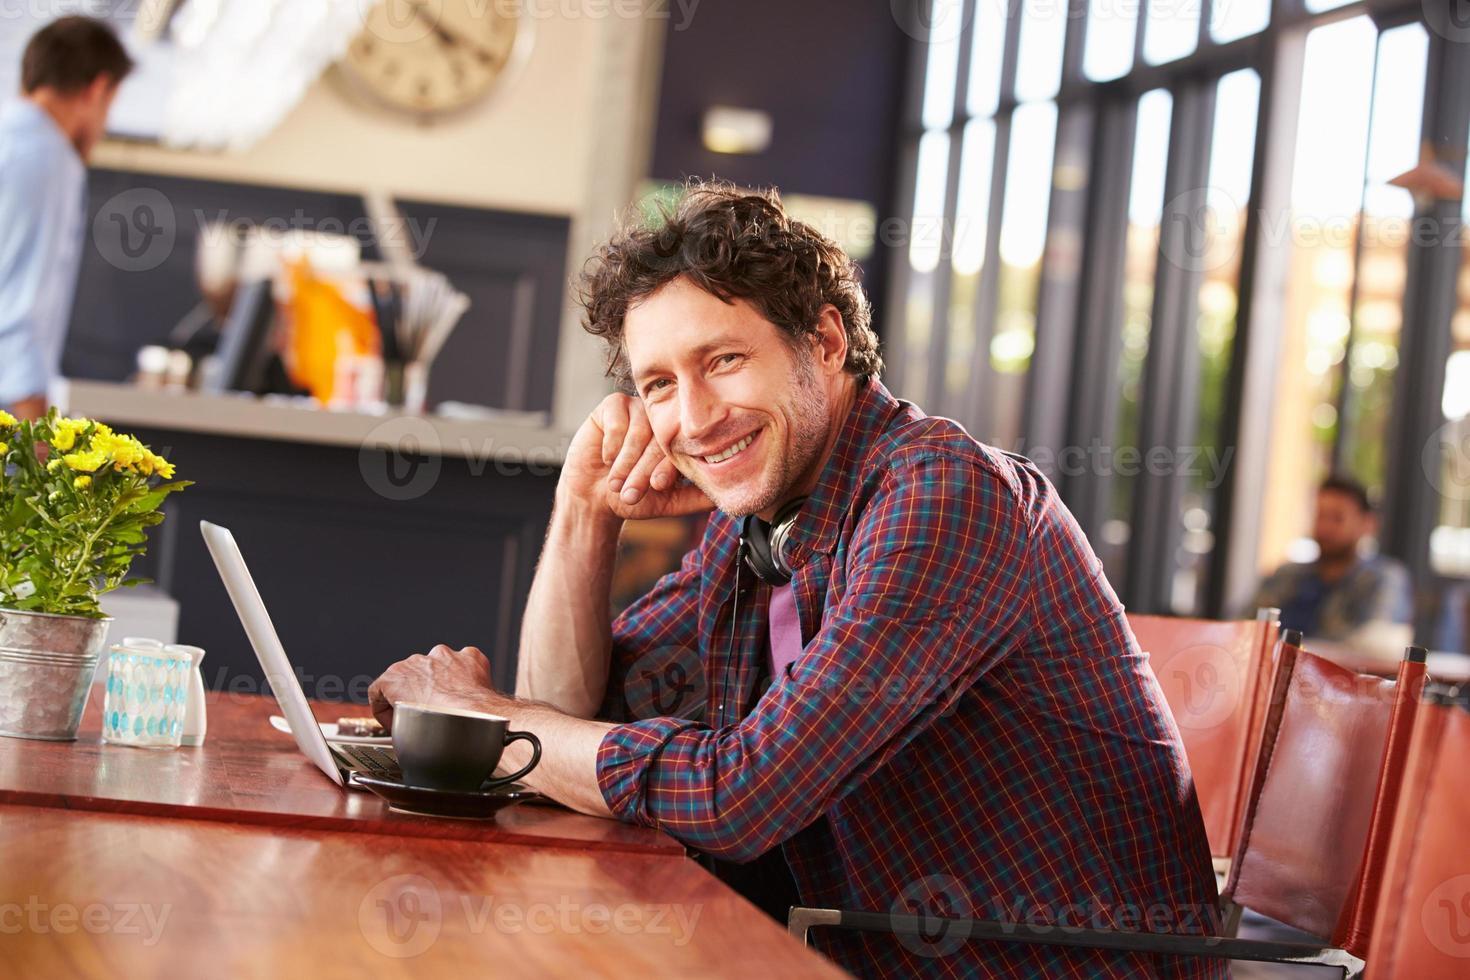 homem trabalhando no computador na cafeteria, retrato foto